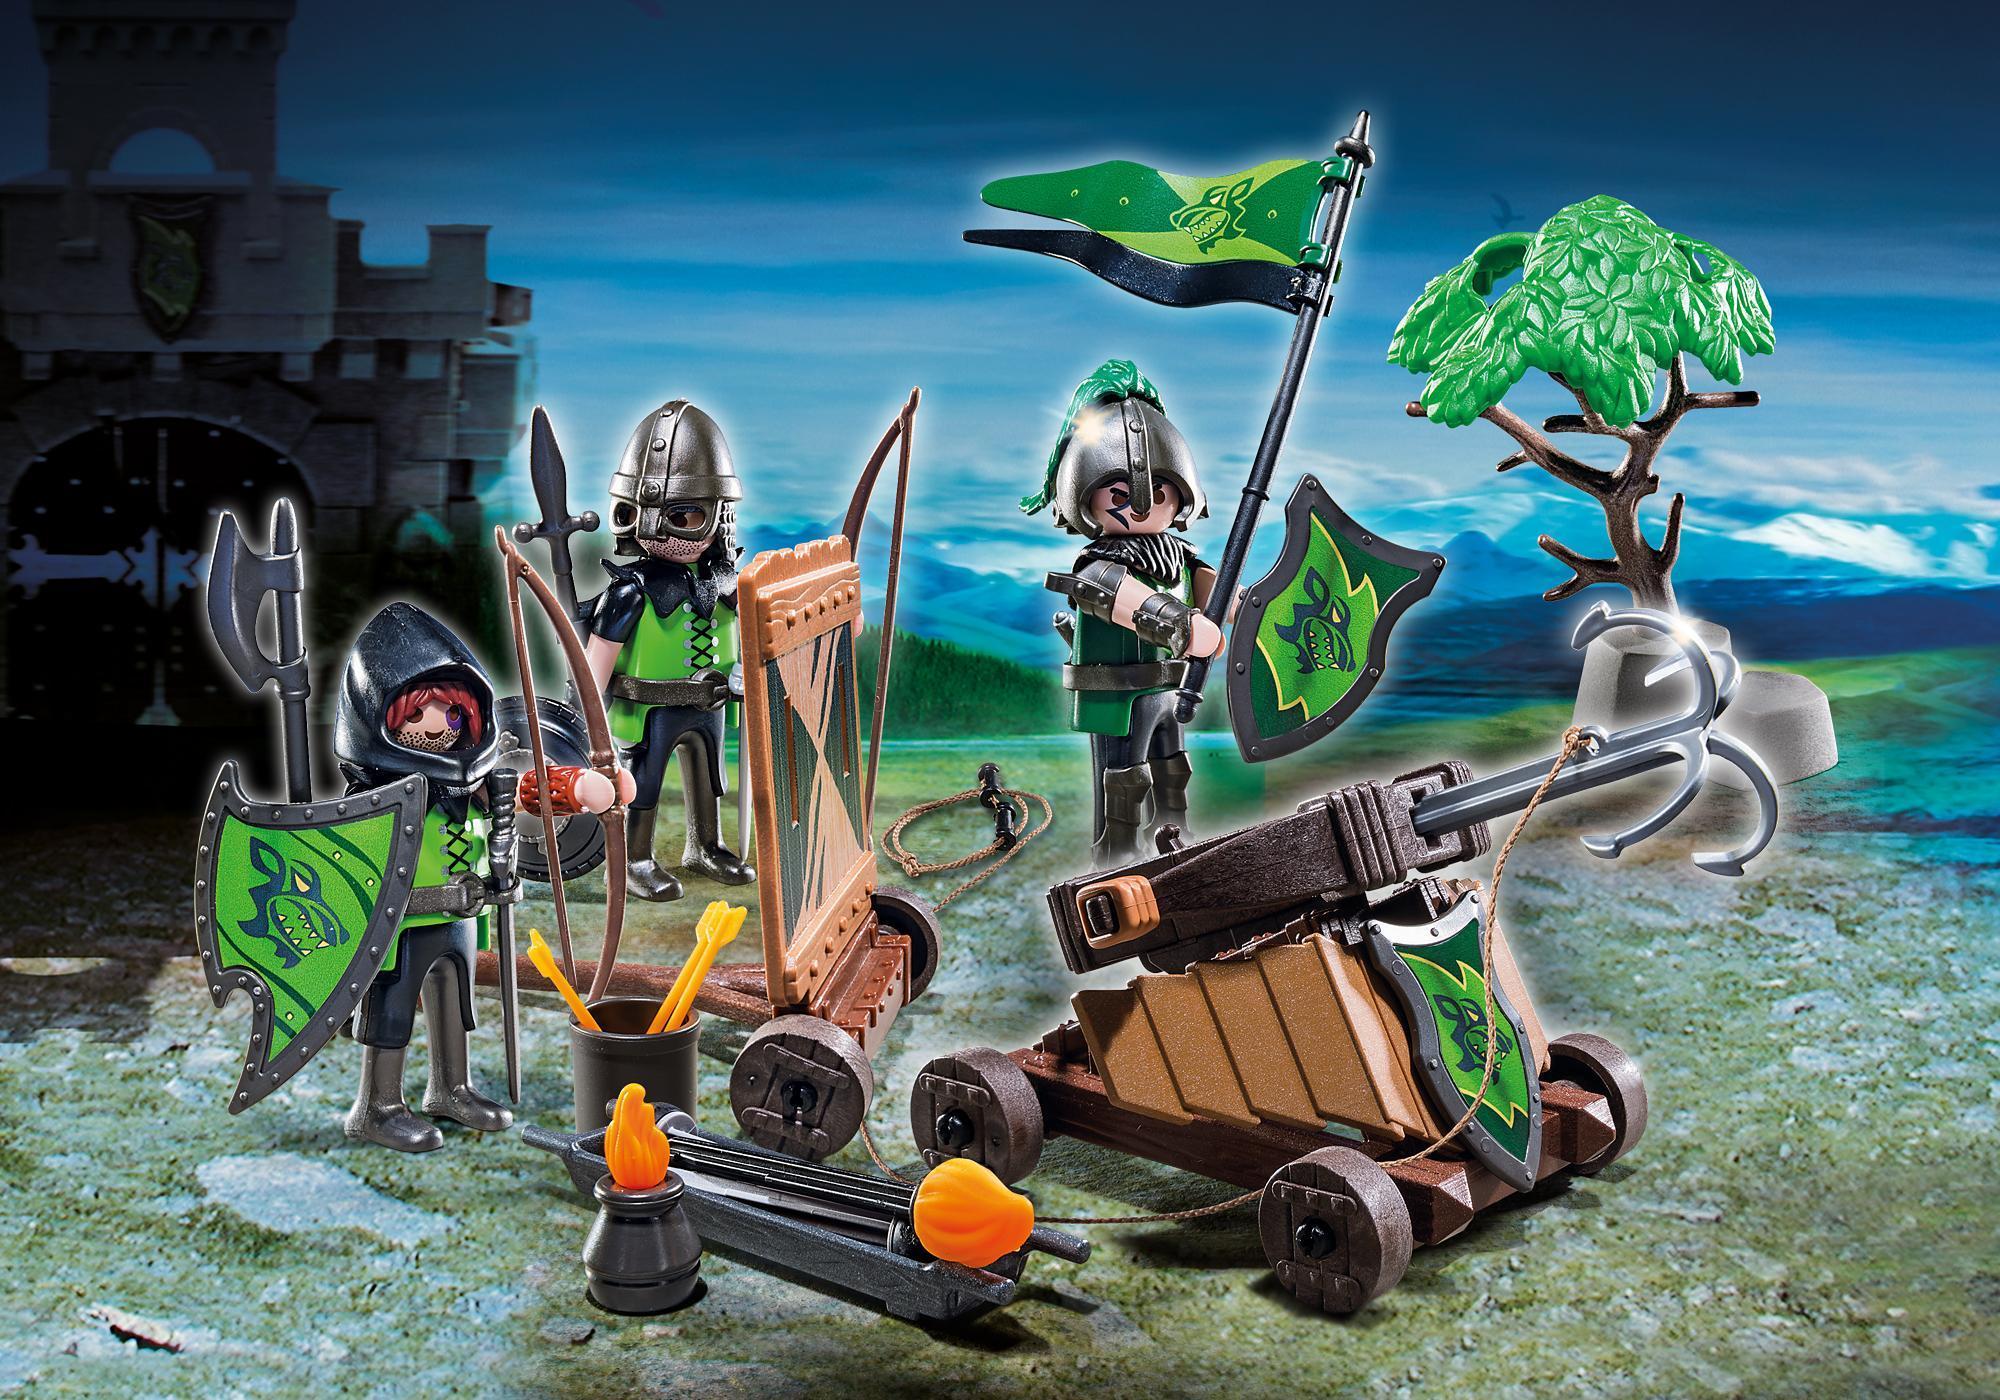 http://media.playmobil.com/i/playmobil/6041_product_detail/Cavaleiros do Lobo com Catapulta